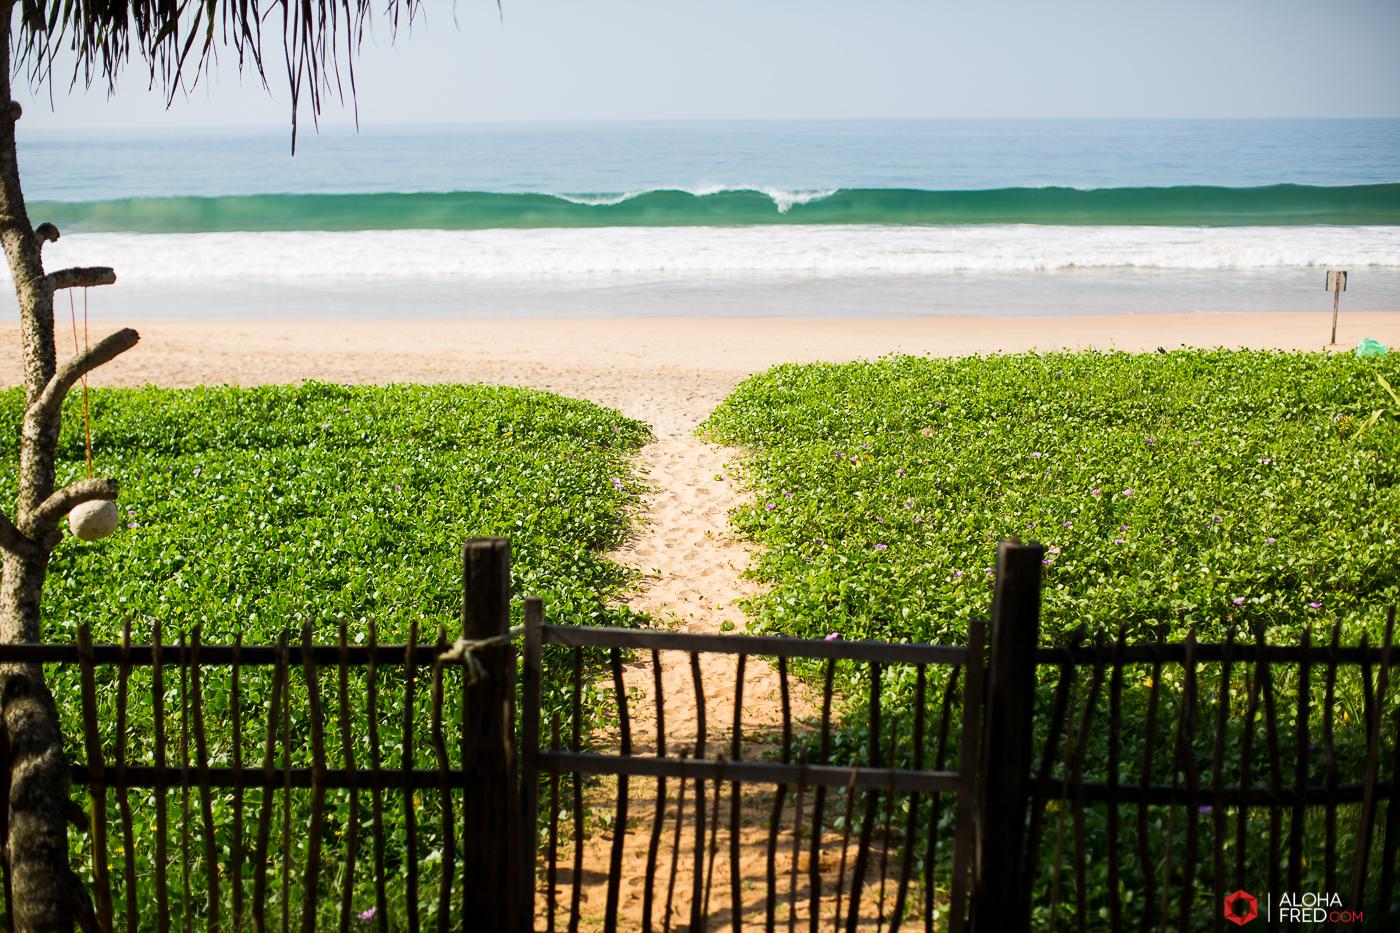 0084 - Sri Lanka - CP1A7631